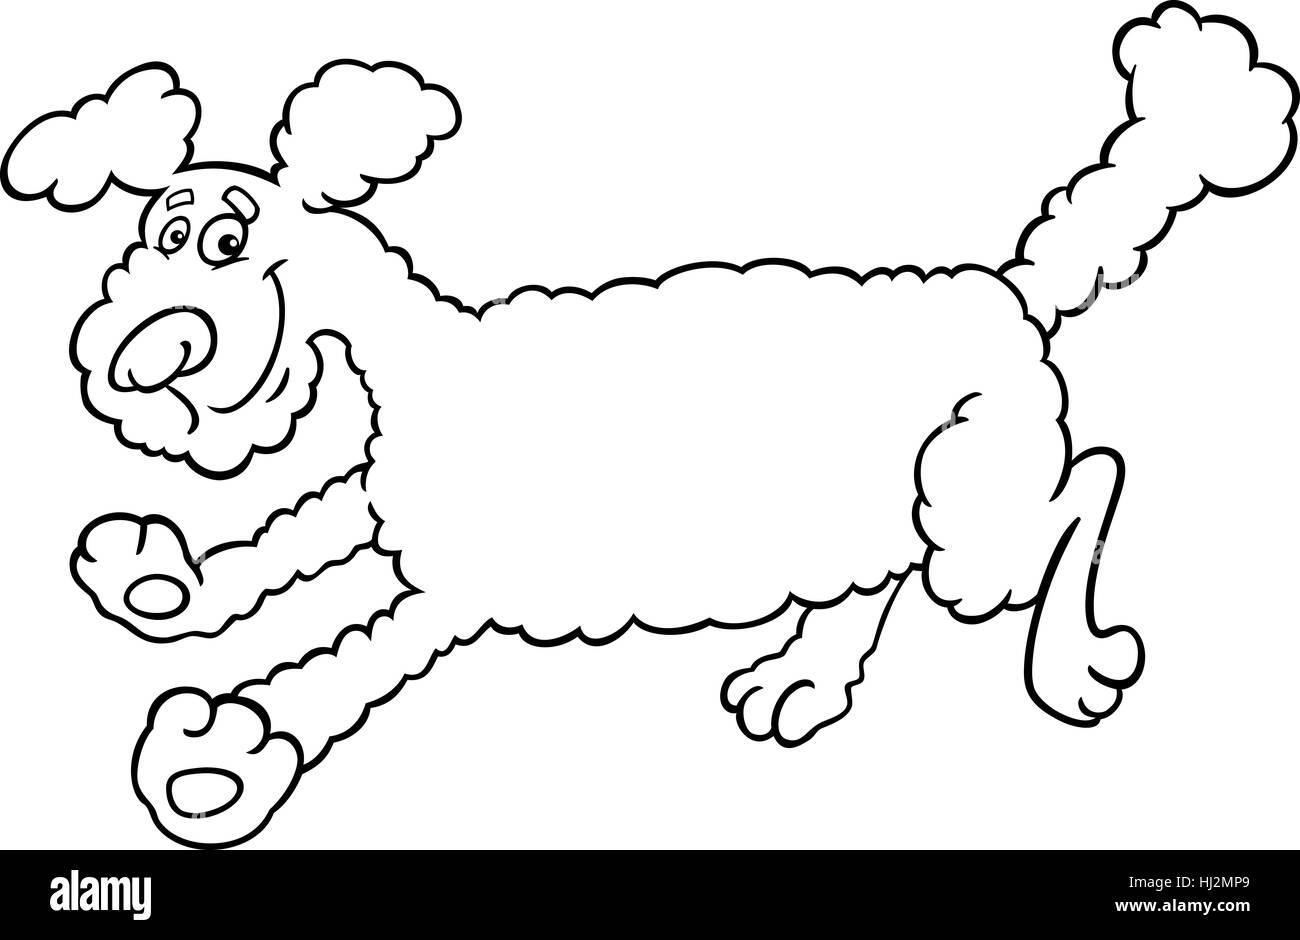 Comic Graphic Animal Pet Hairy Imágenes De Stock & Comic Graphic ...